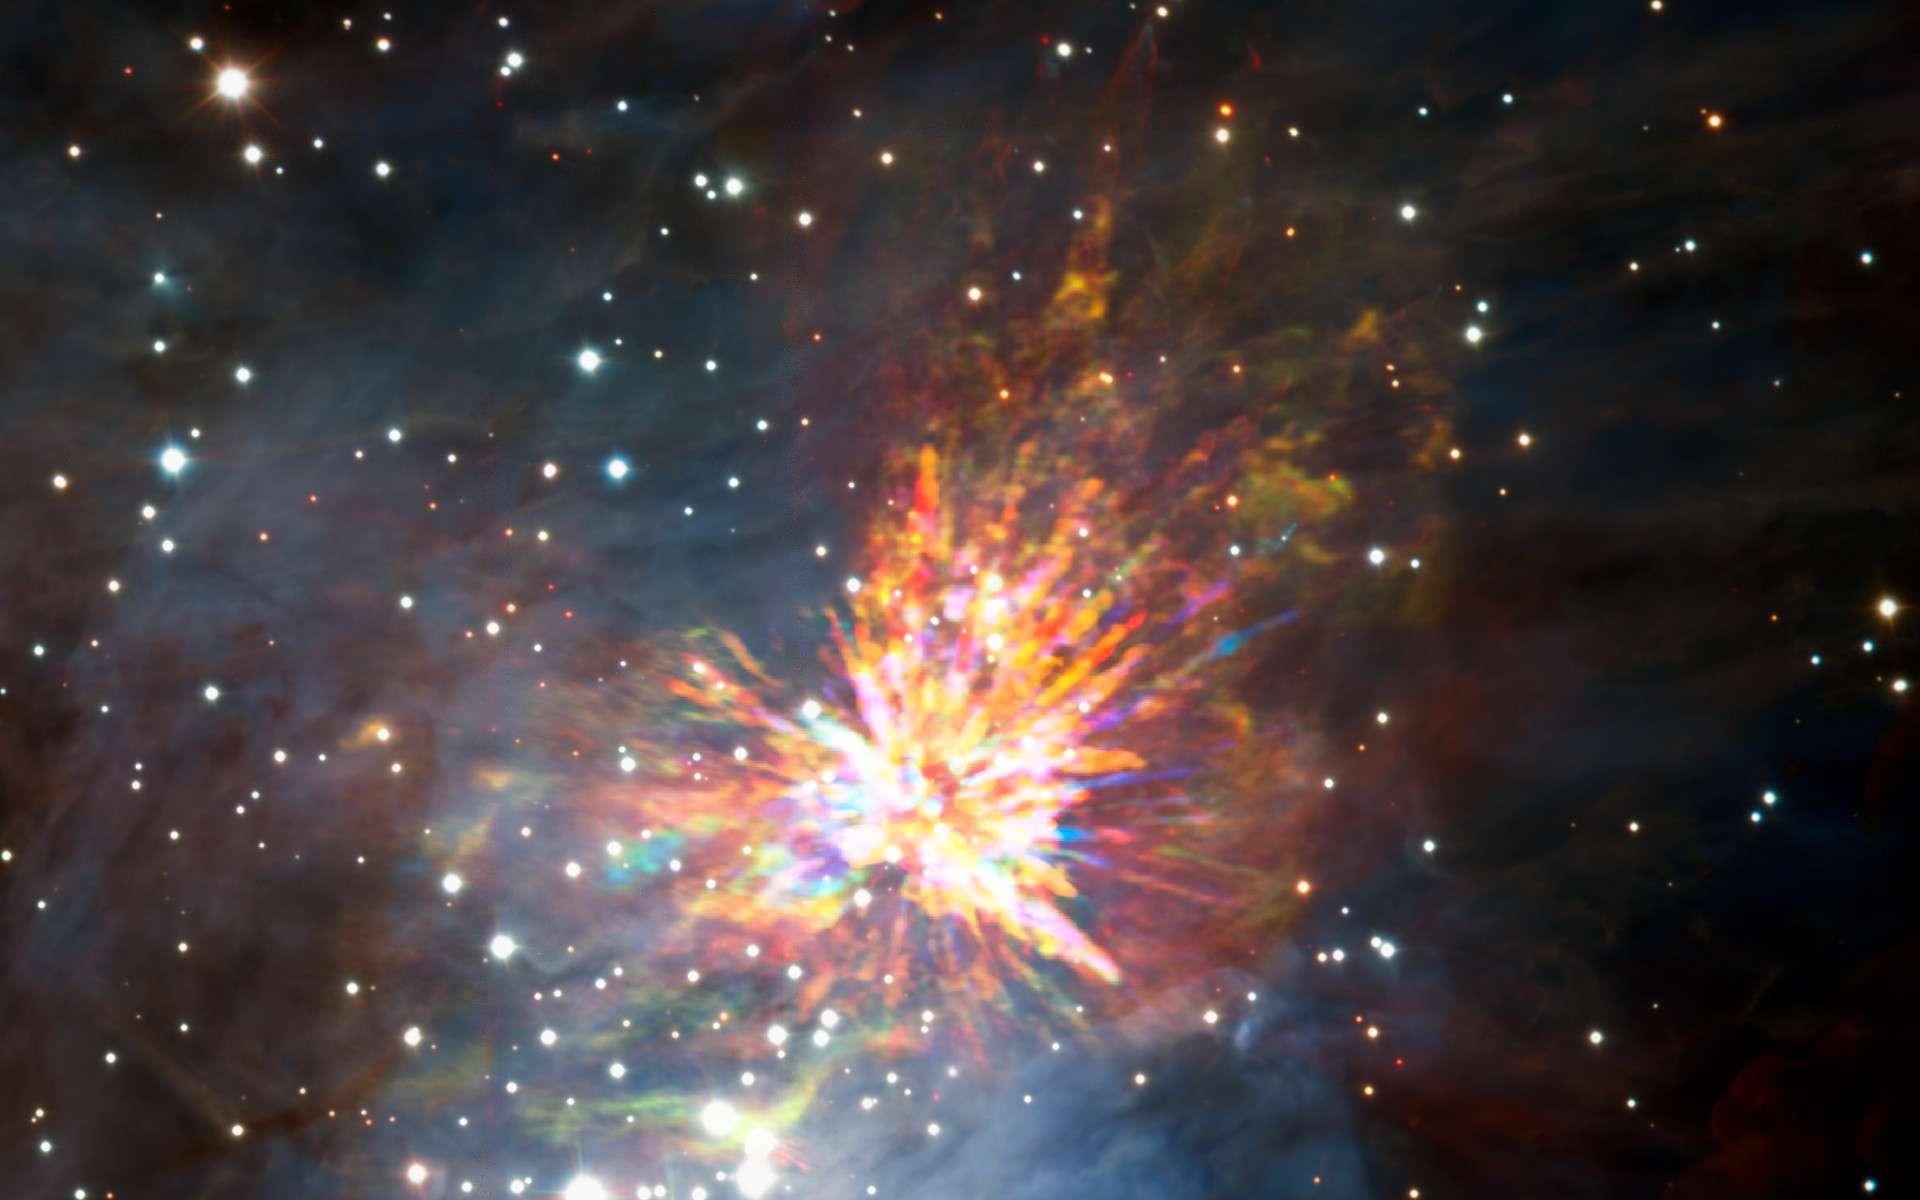 D'énormes explosions d'étoiles ont été observées. Voici une image composite (VLT et Alma) de l'évènement au sein du nuage moléculaire d'Orion (OMC-1). © Alma (ESO, NAOJ, NRAO), J. Bally, H. Drass et al.